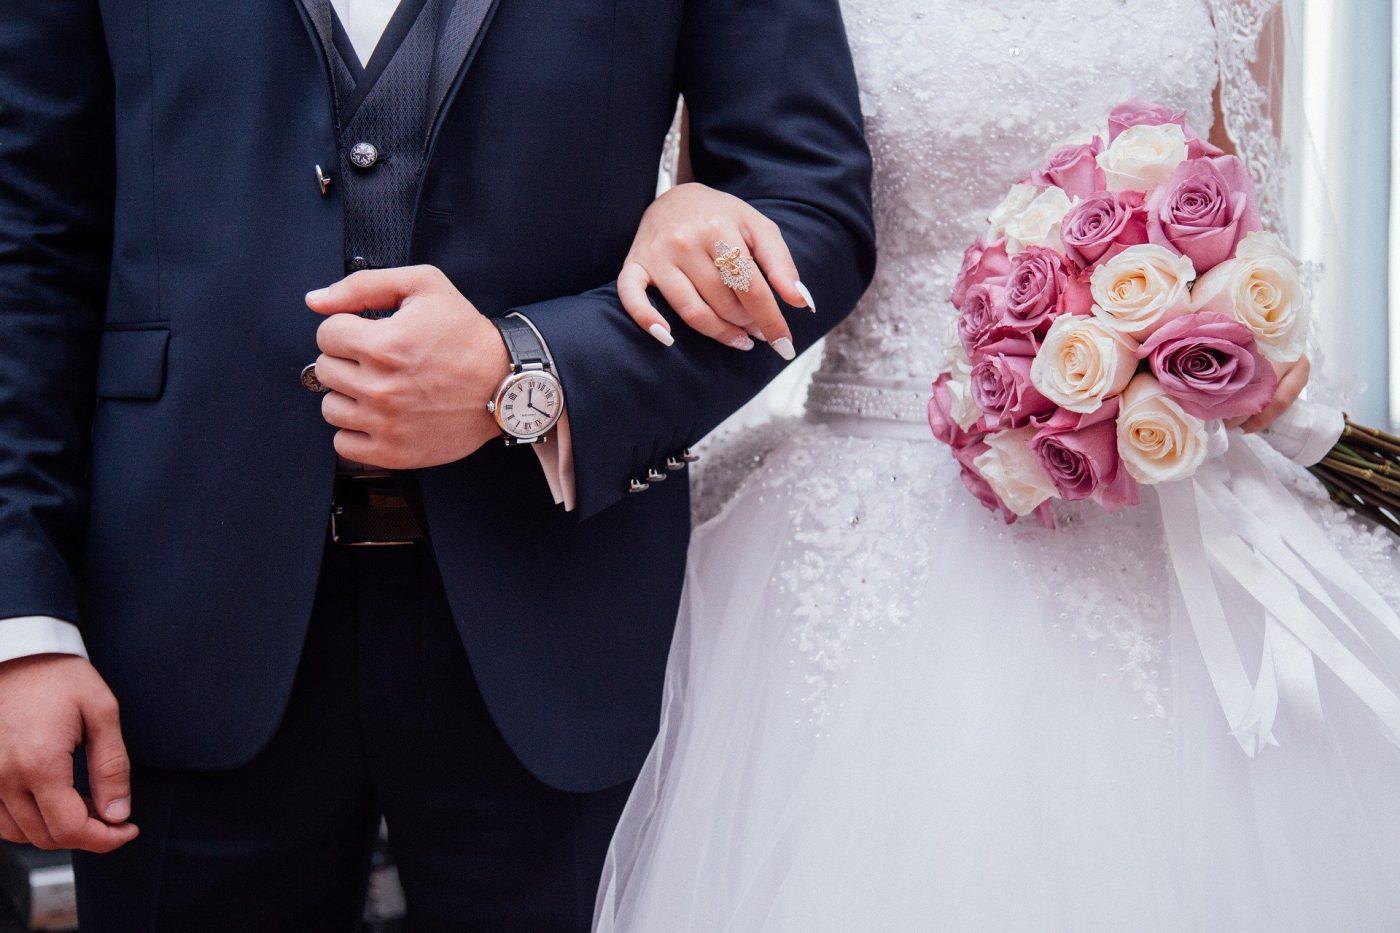 Sélection exclusive de 50 textes de félicitations pour un mariage